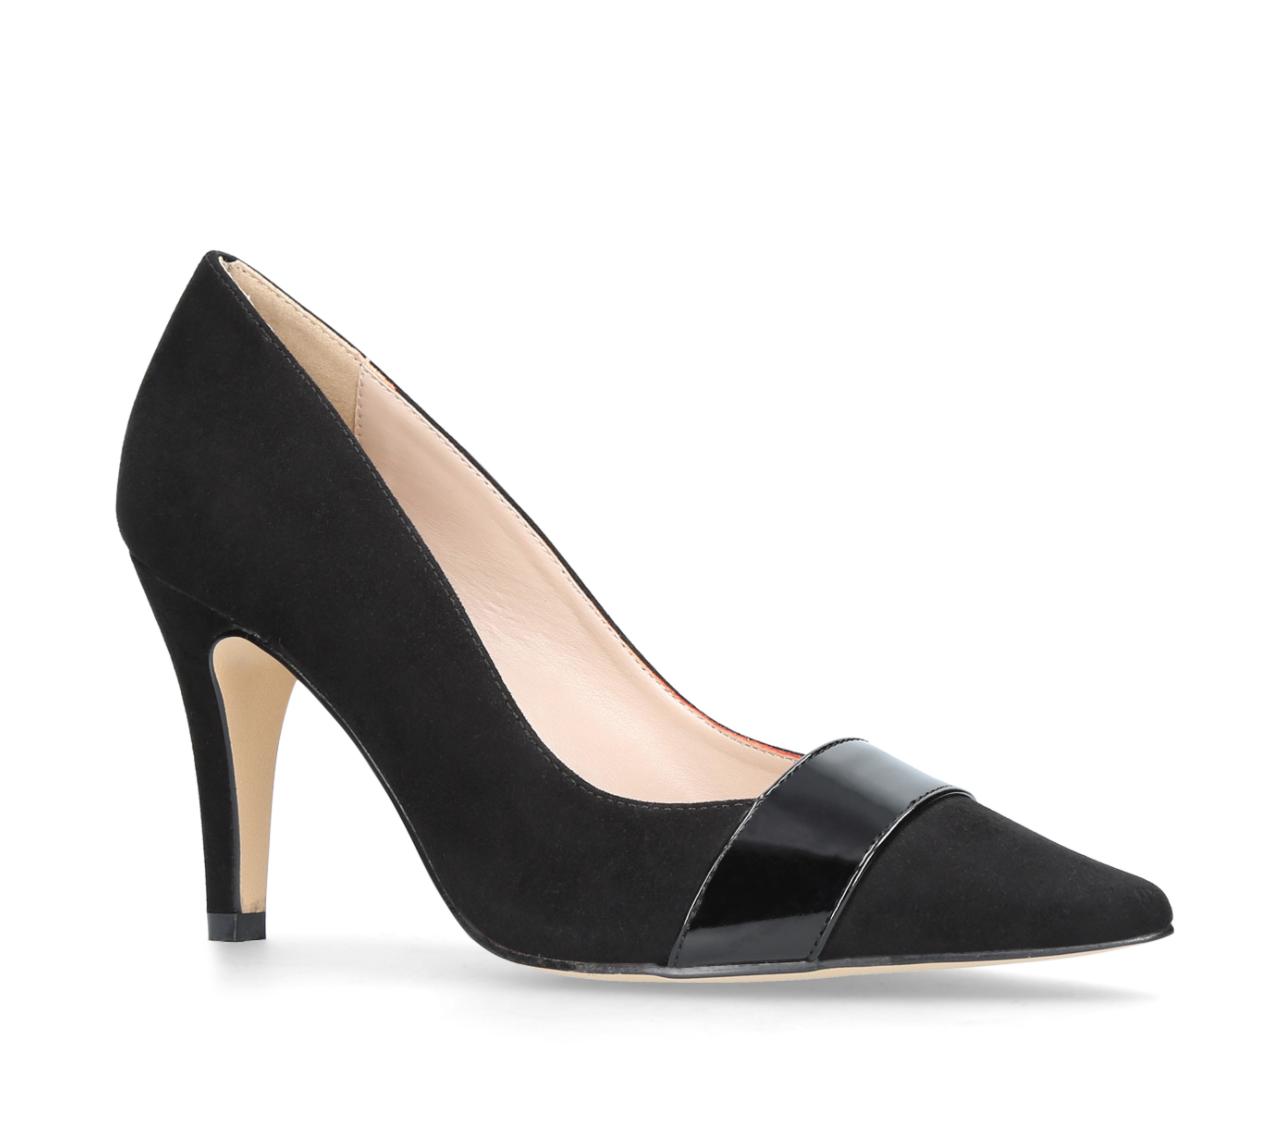 0ab1a4dccbd7c Nine West Friar Womens UK 6 Black Faux Suede 3.5 Stiletto Pointed Court  shoes